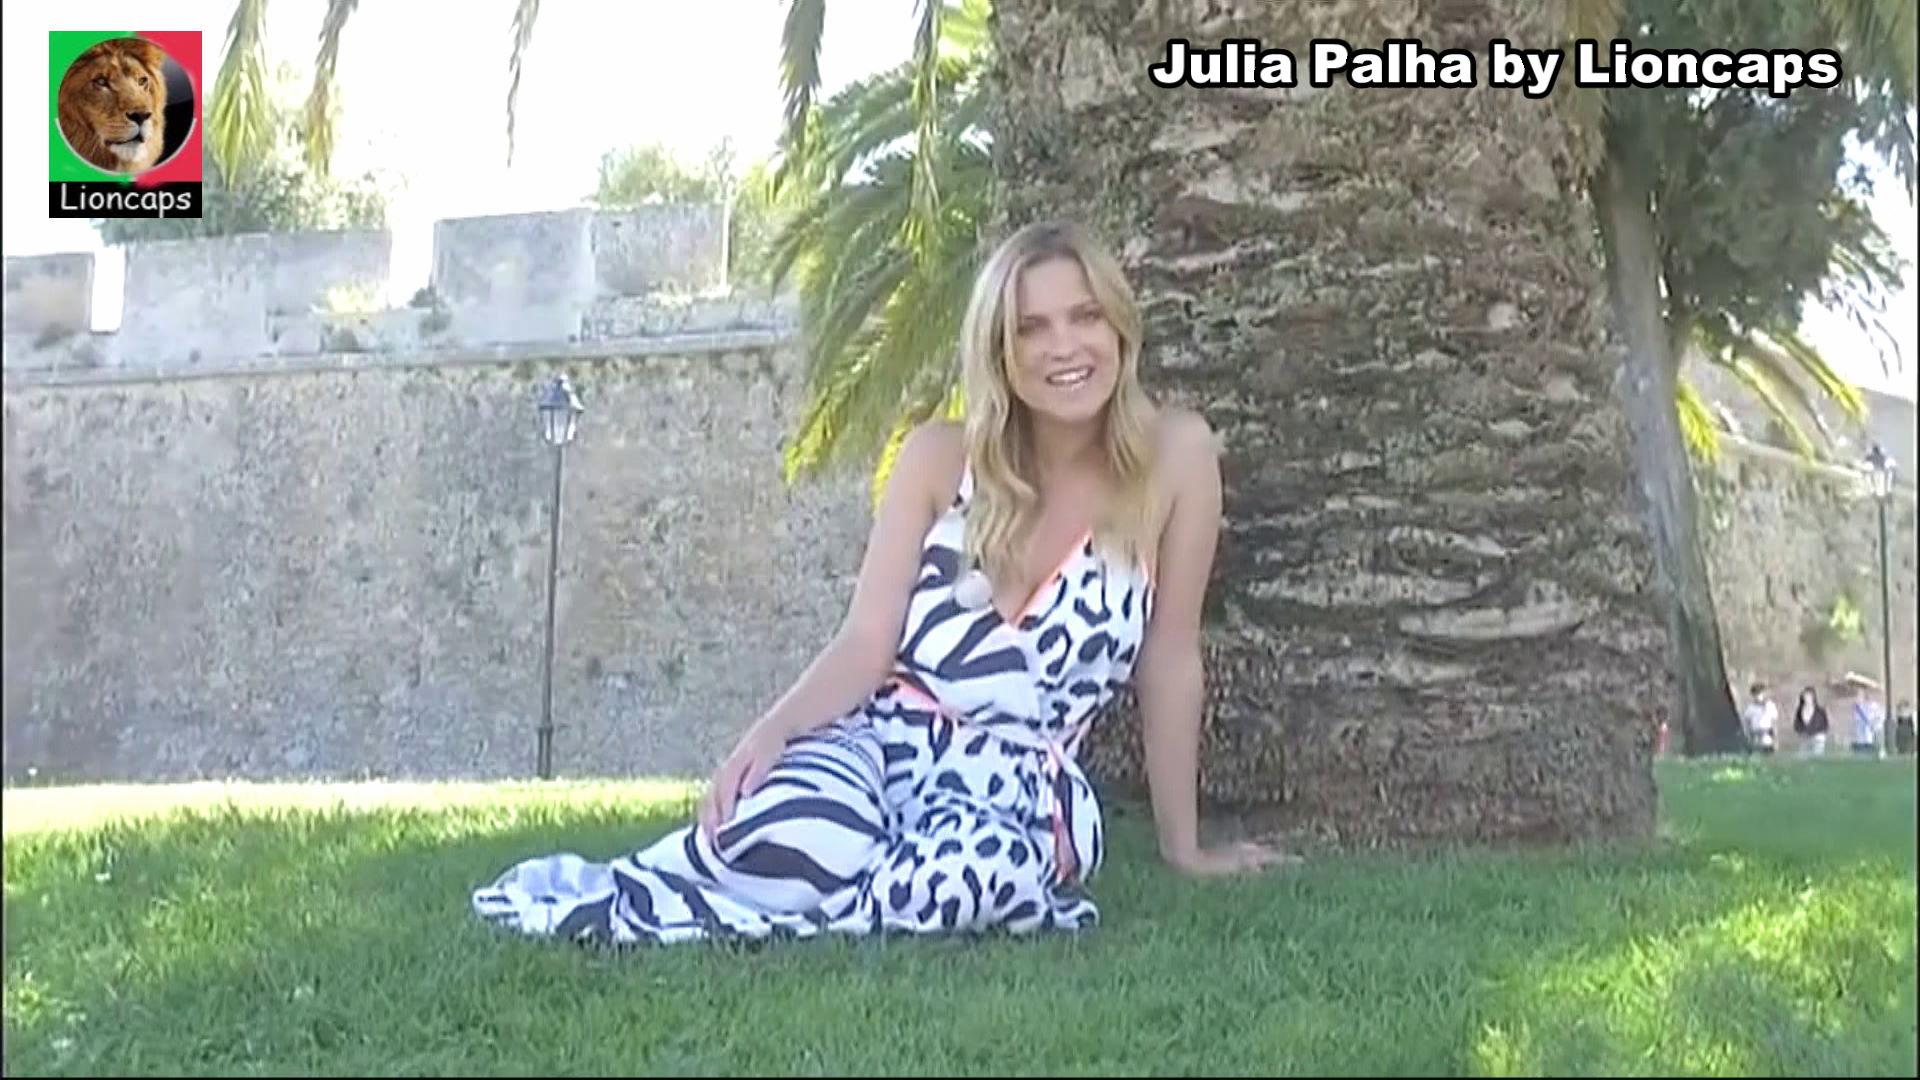 307700732_julia_palha_vs190623_2435_122_456lo.JPG